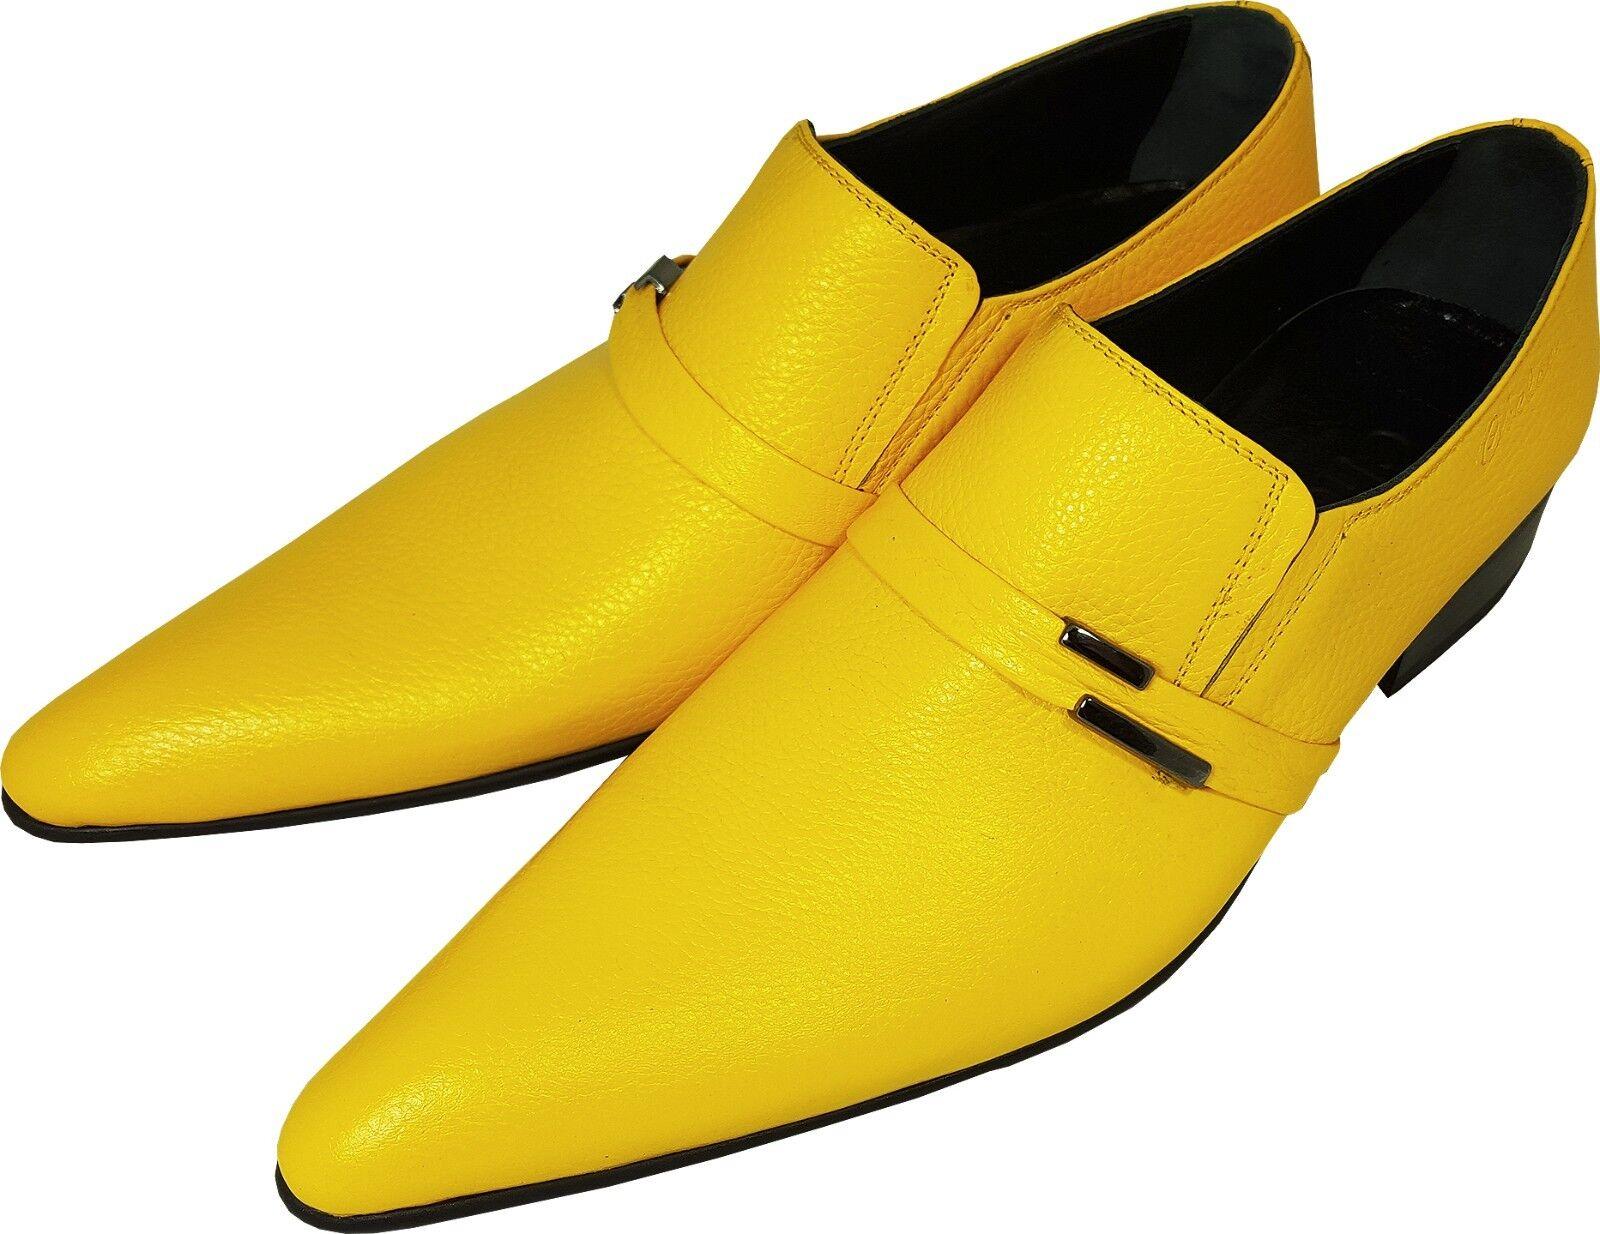 Chelsy más grandilocuente señores Slipper zapato de cuero amarillo amarillo suela de cuero 44